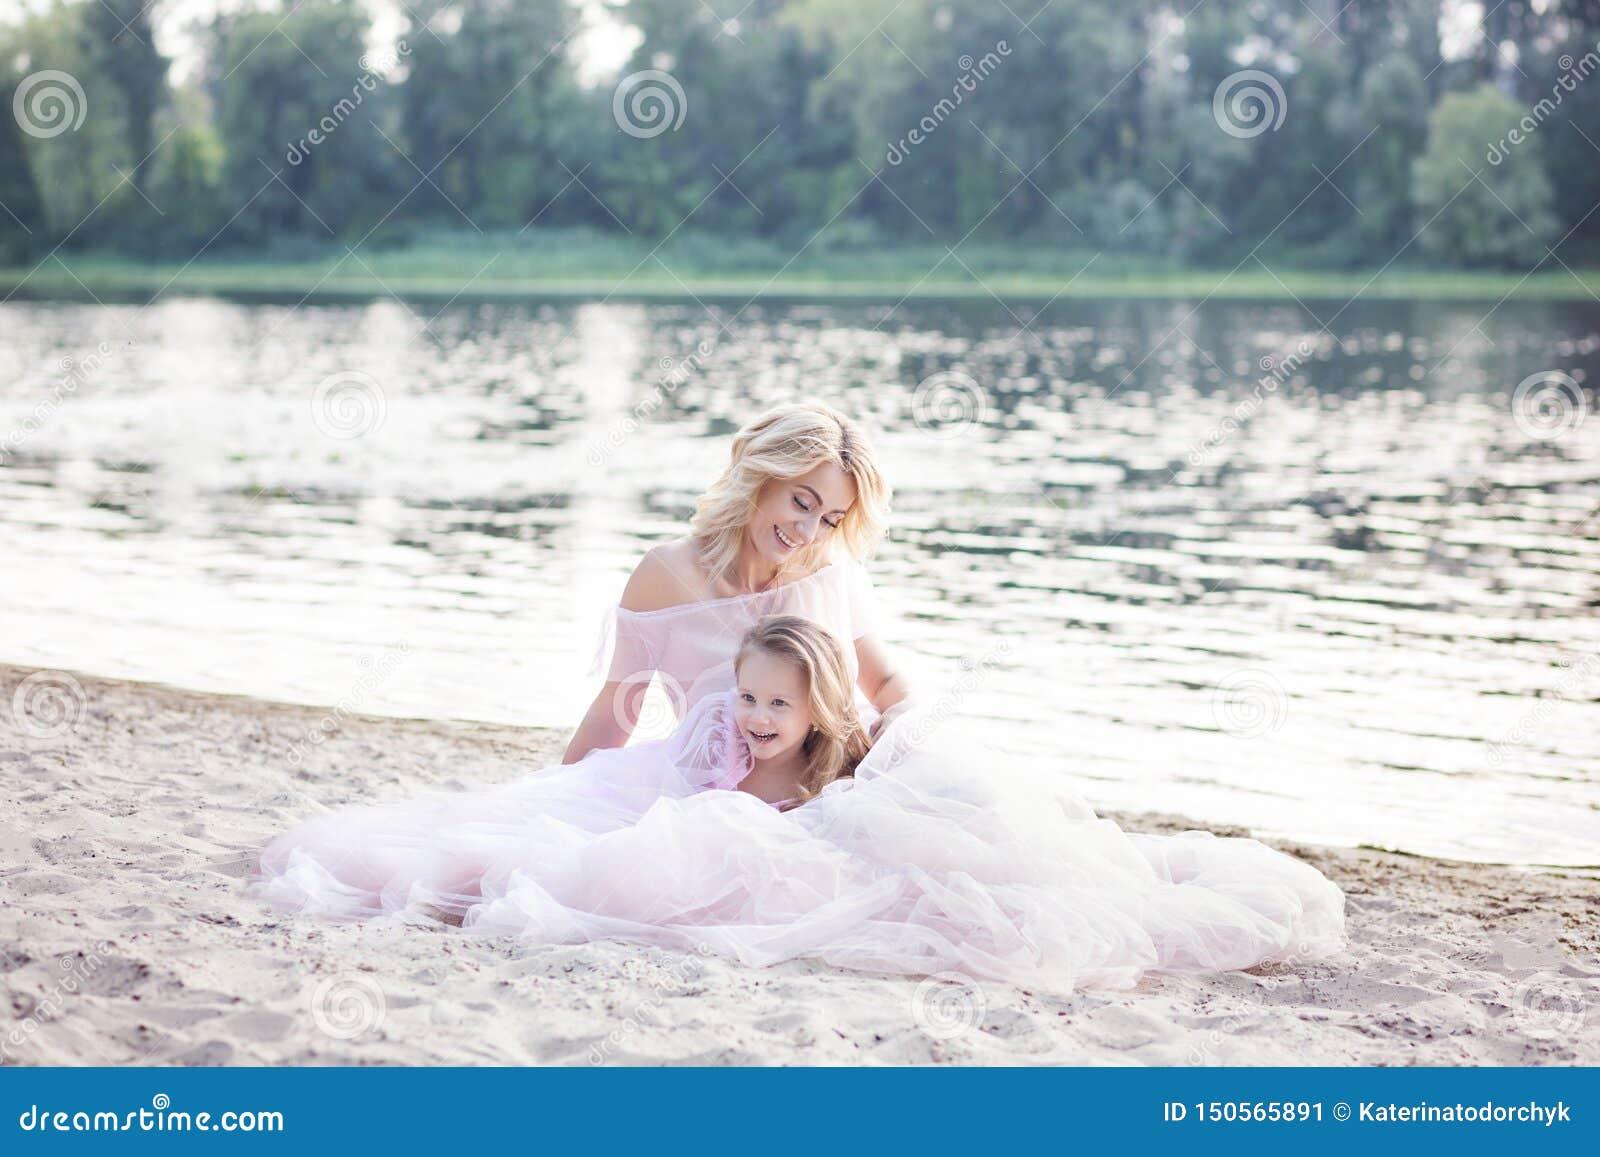 Мама играет с ее ребенком на каникулах озером Образ жизни семьи и концепция любов Мать и дочь имея нежные моменты o